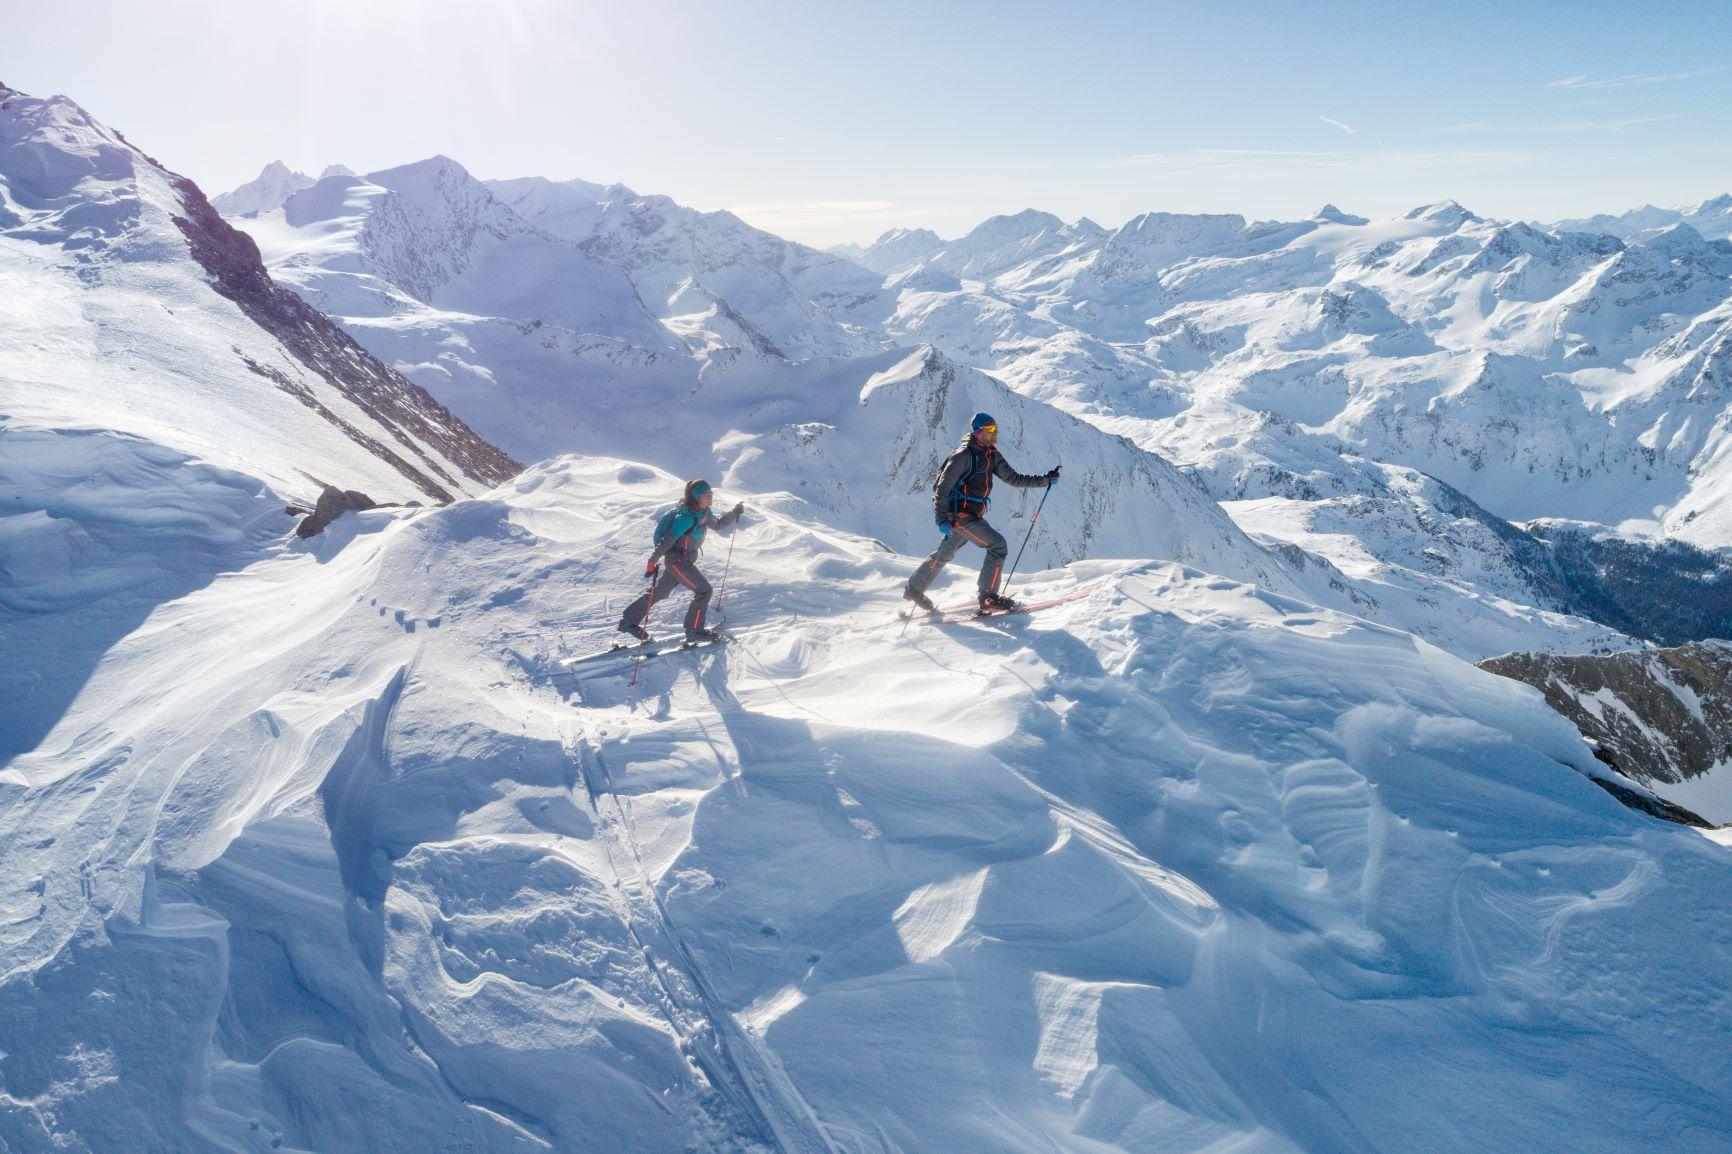 SkischuhfittingTouring